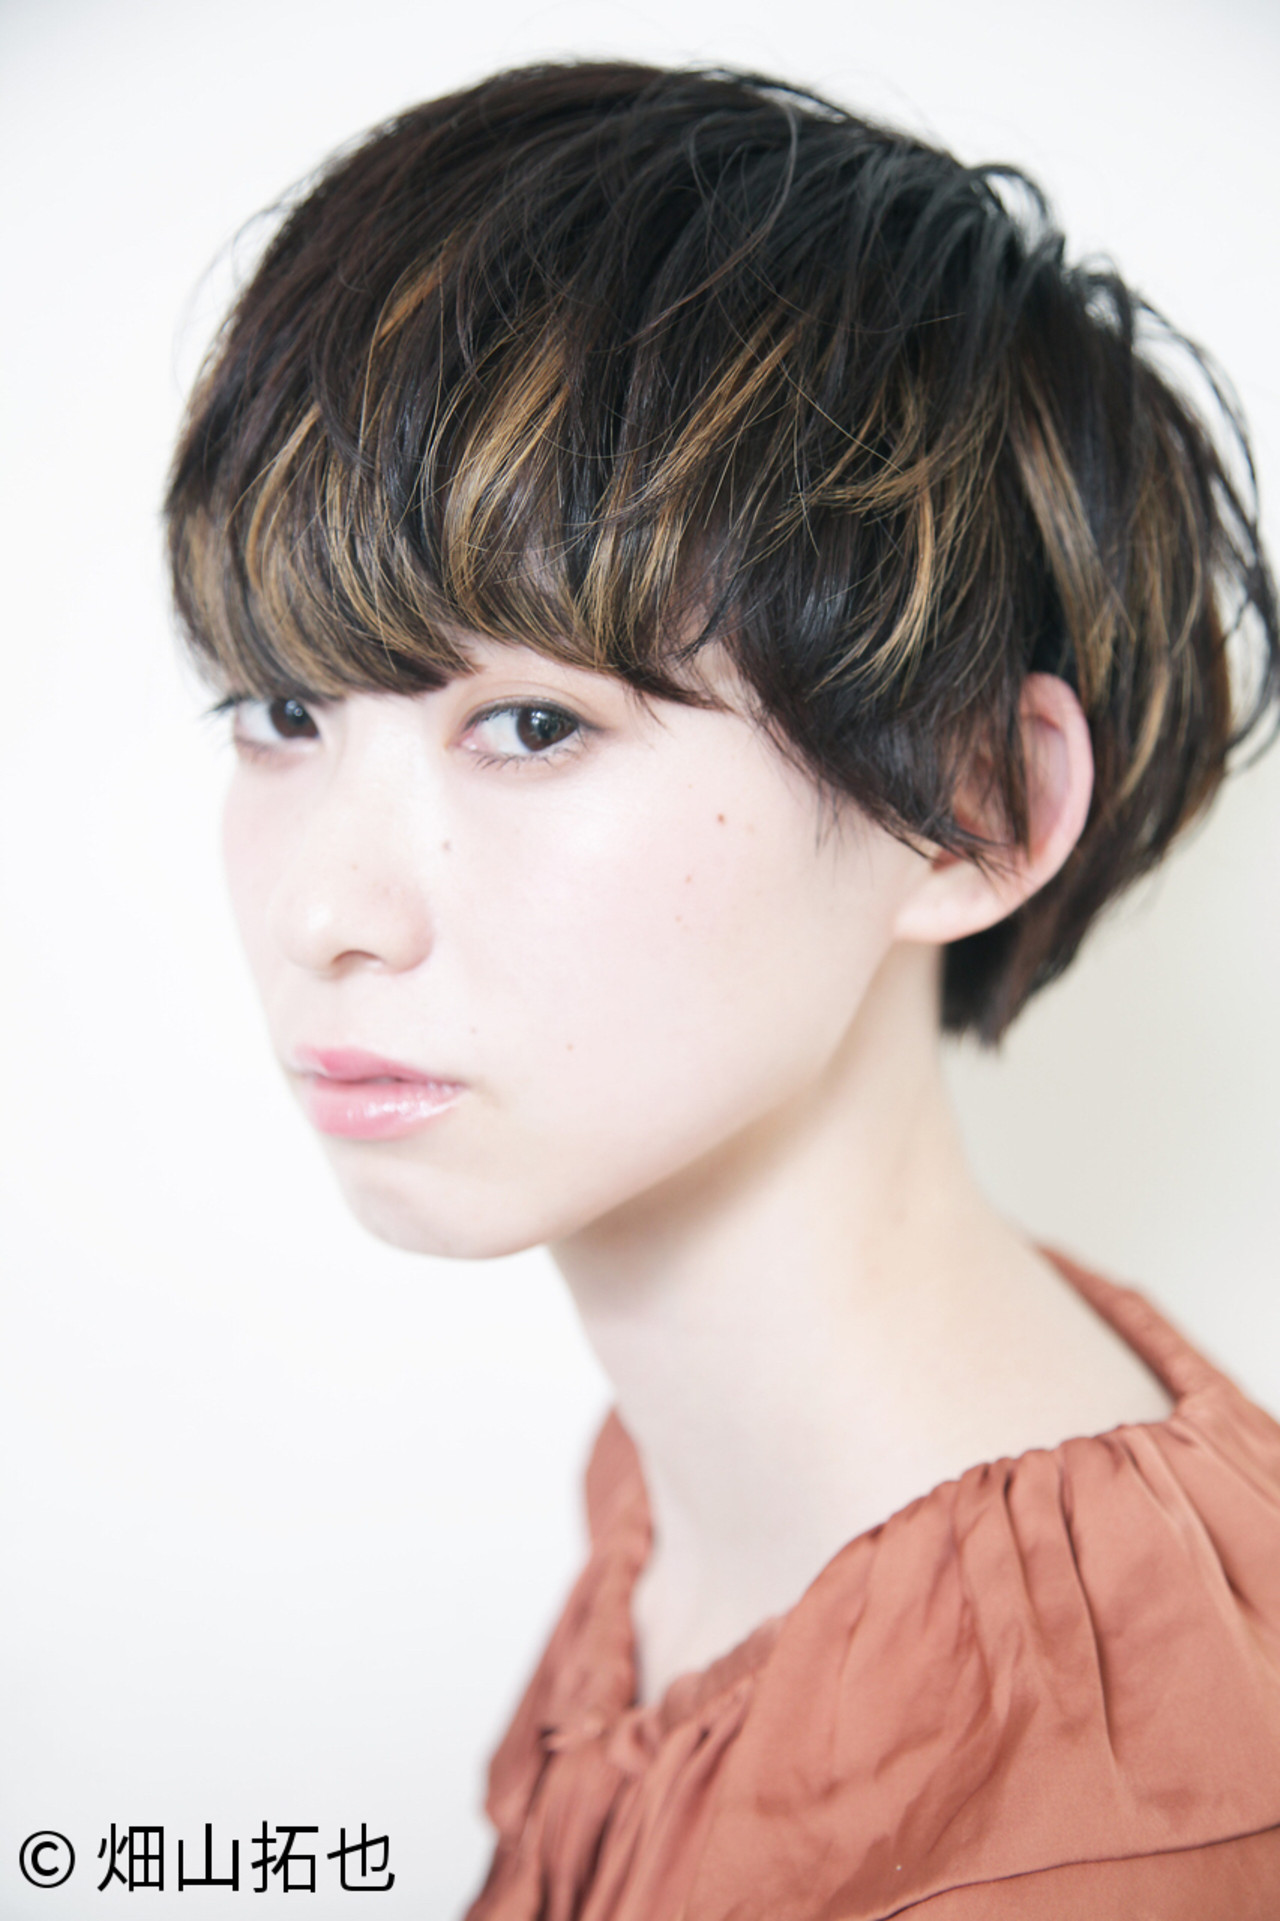 モード ナチュラル ショート マッシュ ヘアスタイルや髪型の写真・画像 | 畑山拓也 / Baco.